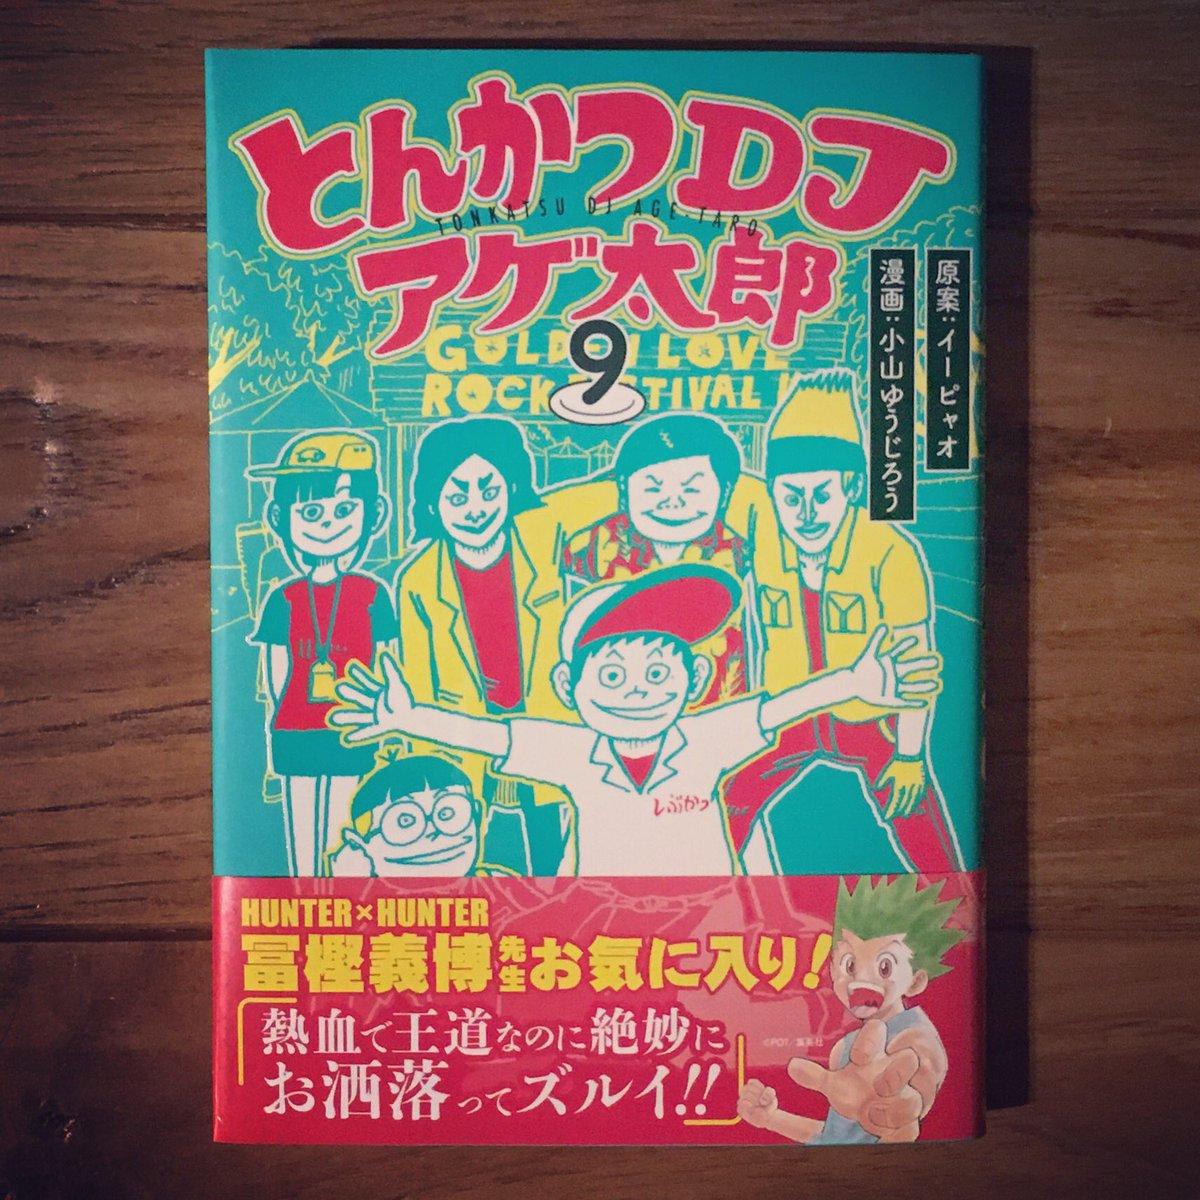 【本日、大晦日発売】今年もお疲れ様でした!良いお年をっ!!#agetaro #とんかつdjアゲ太郎 #第9巻